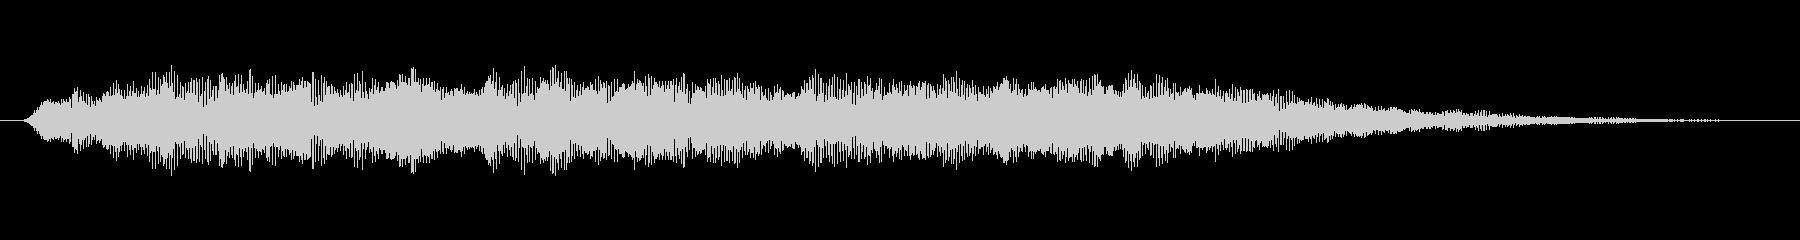 緊張 鬼合唱団ワン・ノート・ロー01の未再生の波形